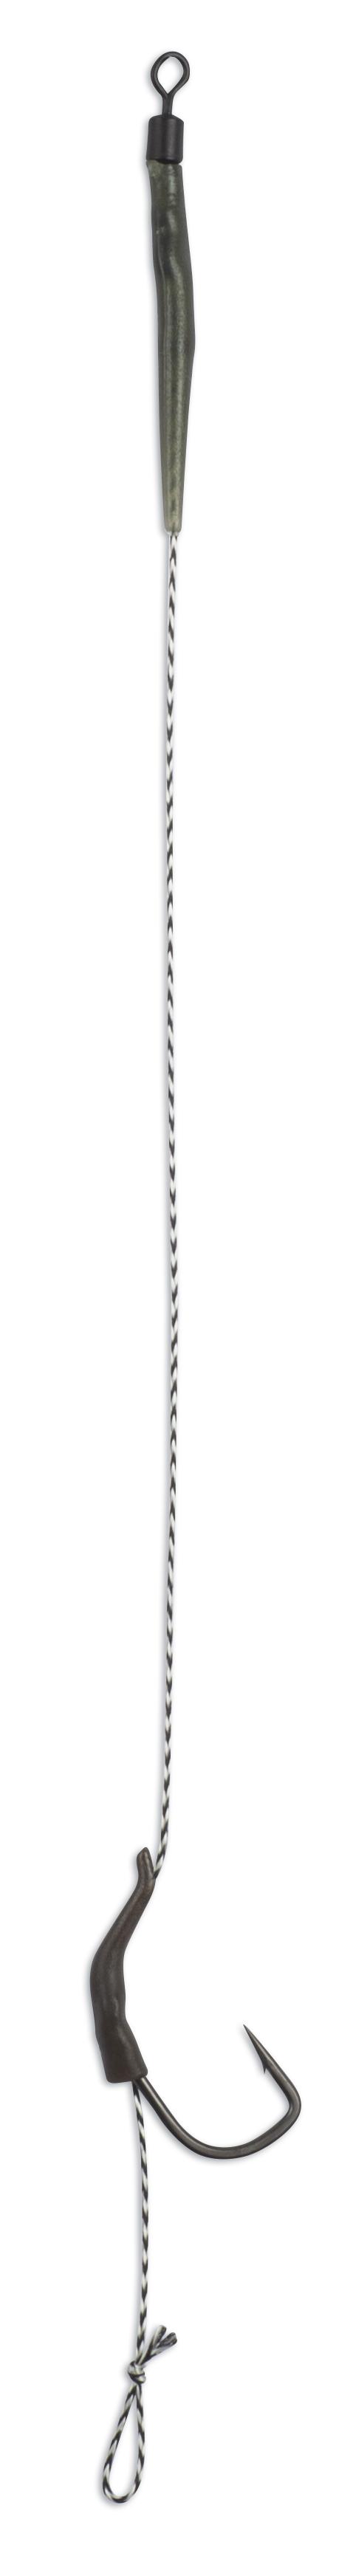 Nadväzec Anaconda Piercer Line Aligner Rig Angle 90 TGX s protihrotom č.4